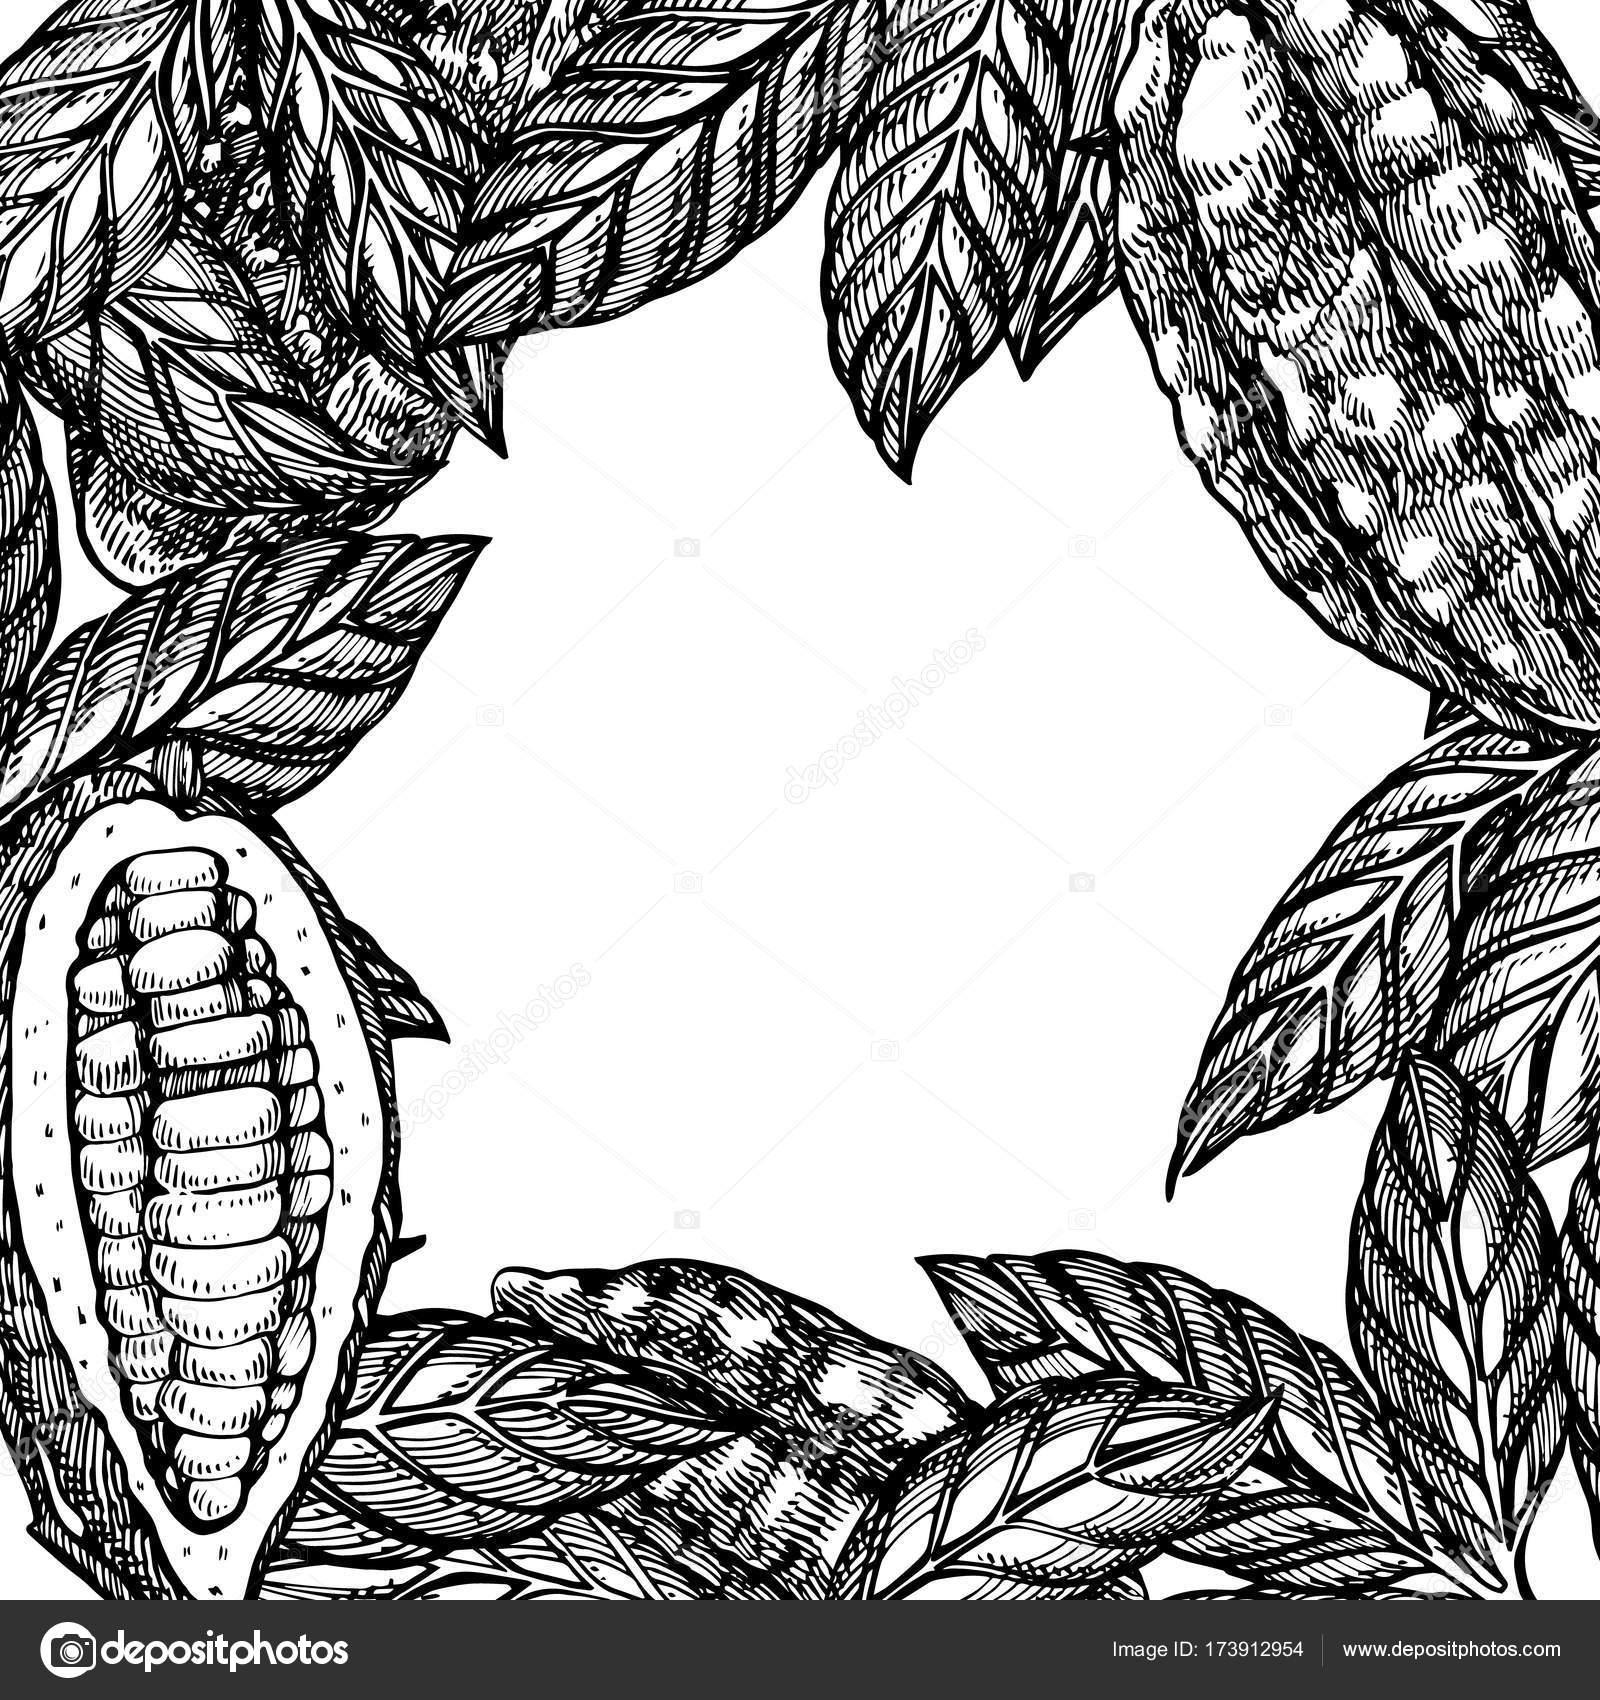 Granos de cacao vector ilustración. Grabado dibujo botánico plantas ...